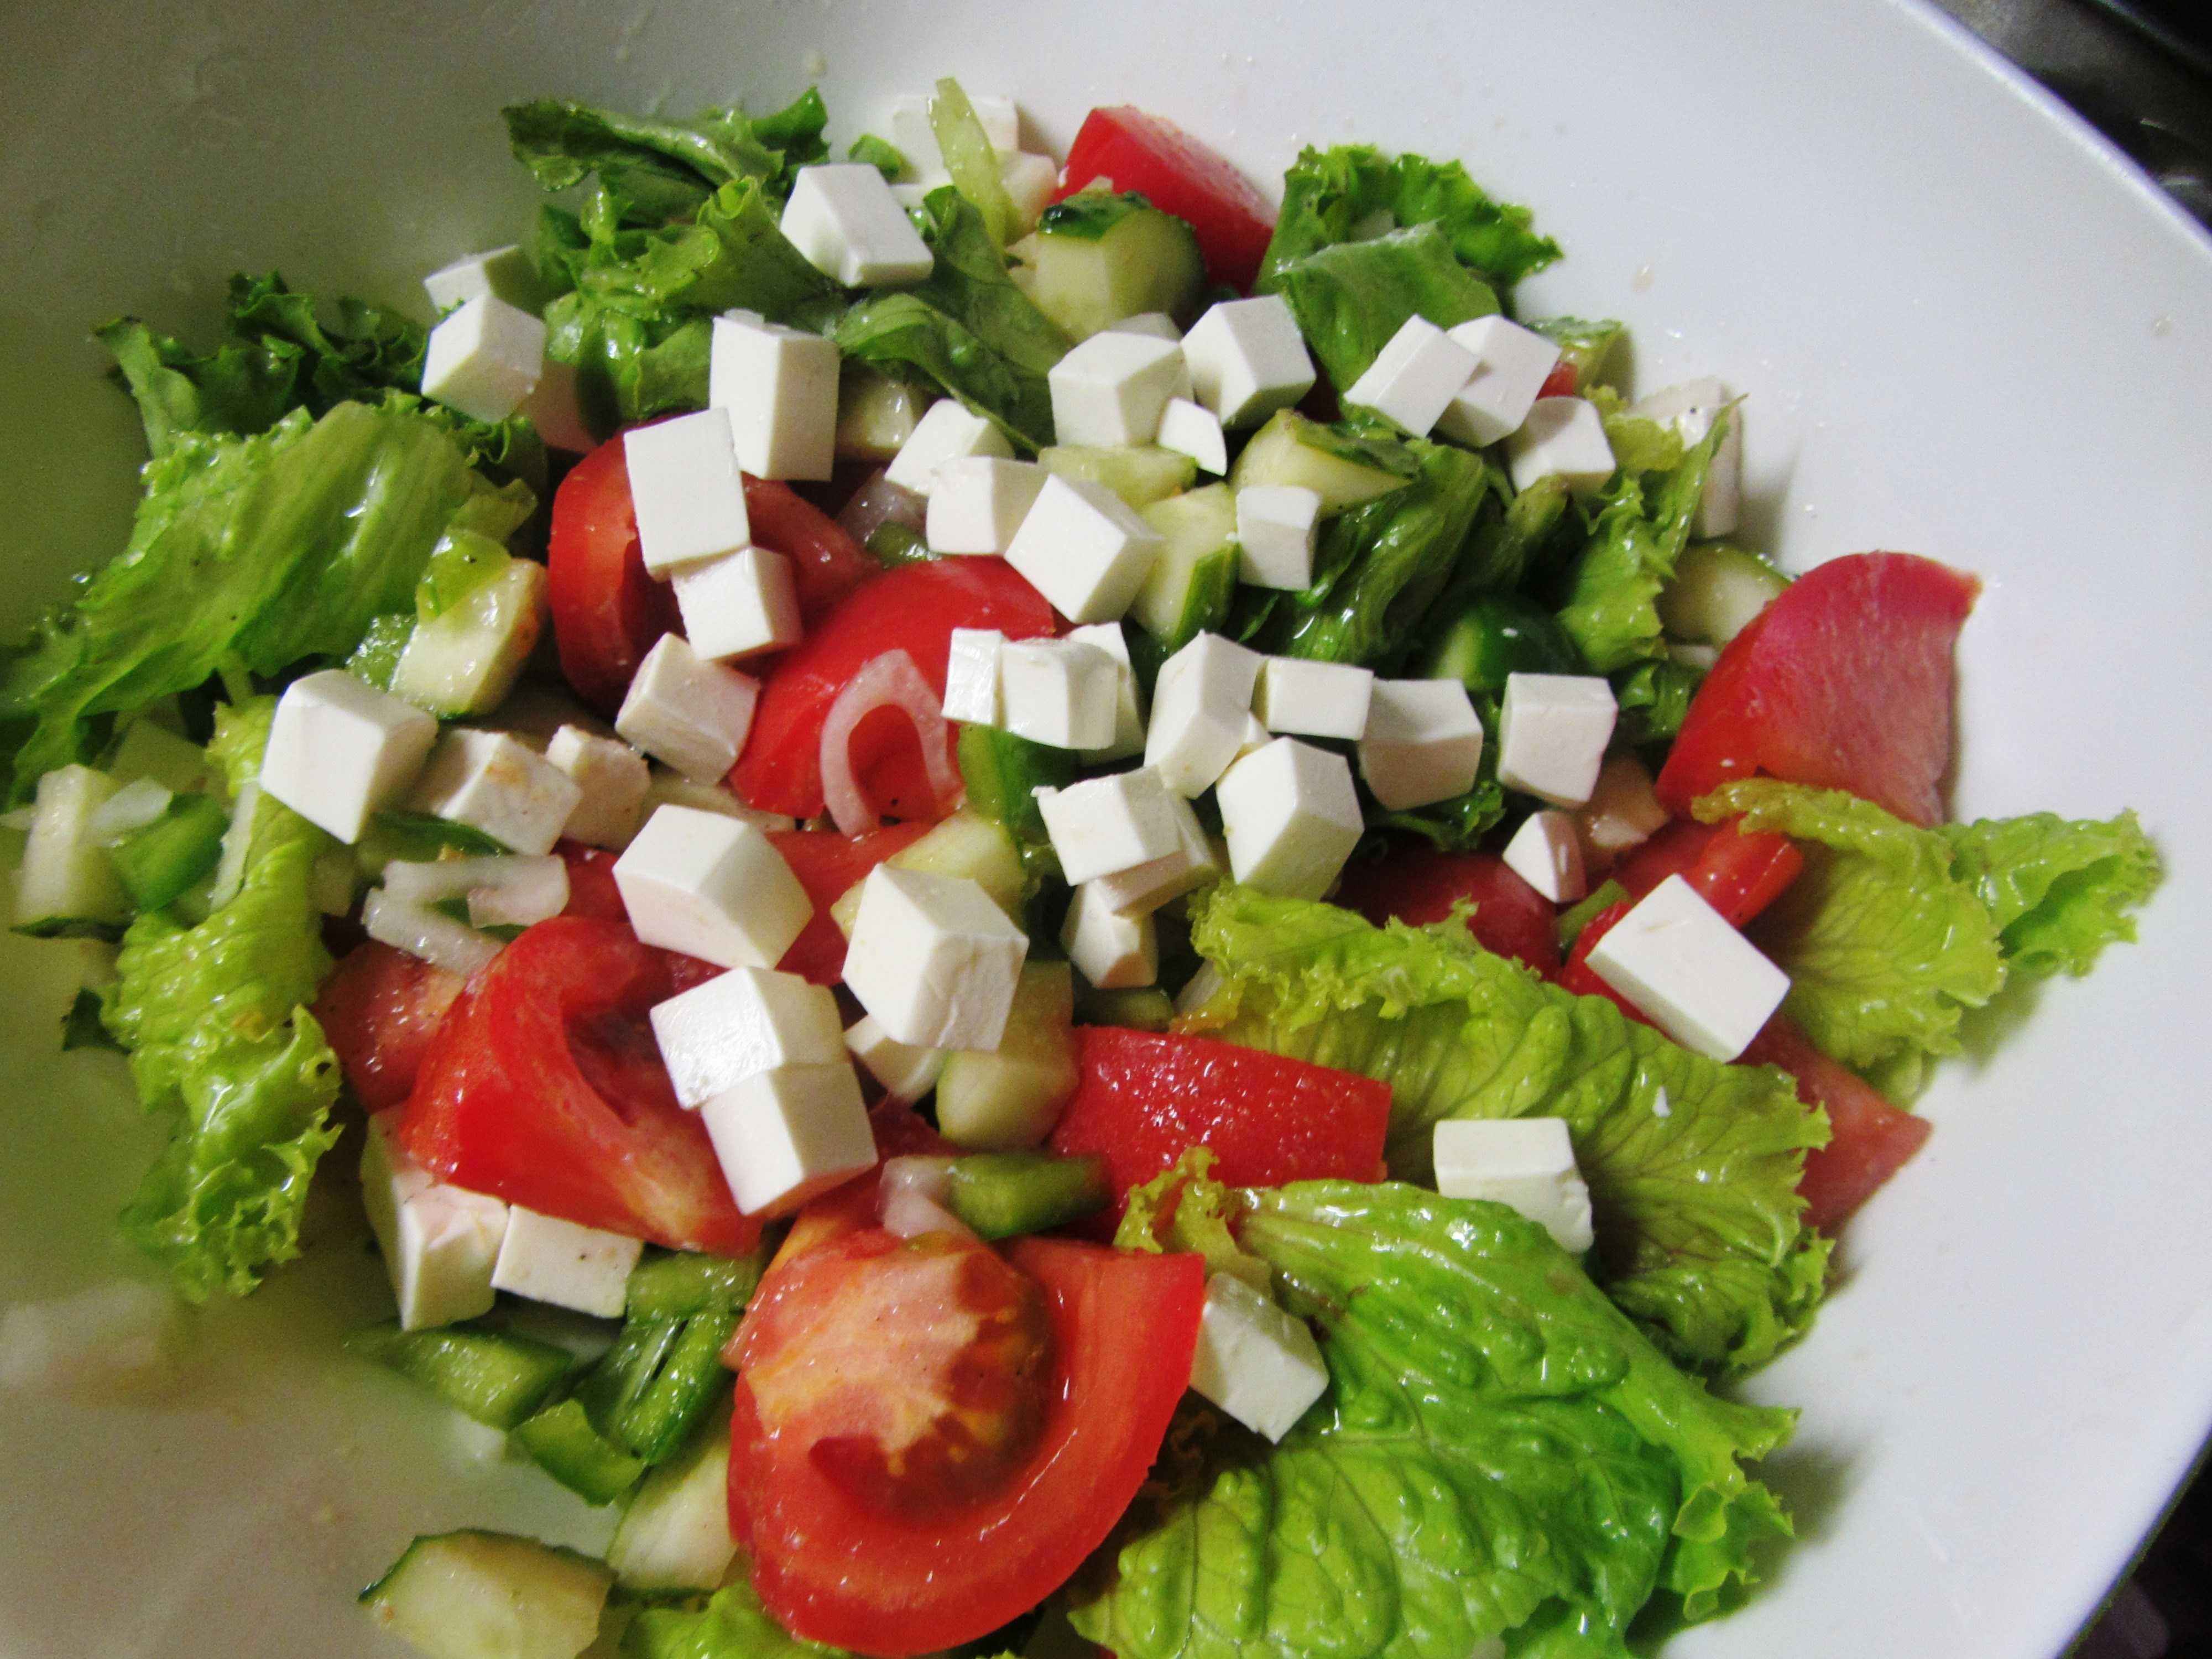 Салат с сыром фета и помидорами рецепт с фото пошагово и видео – 1000.menu